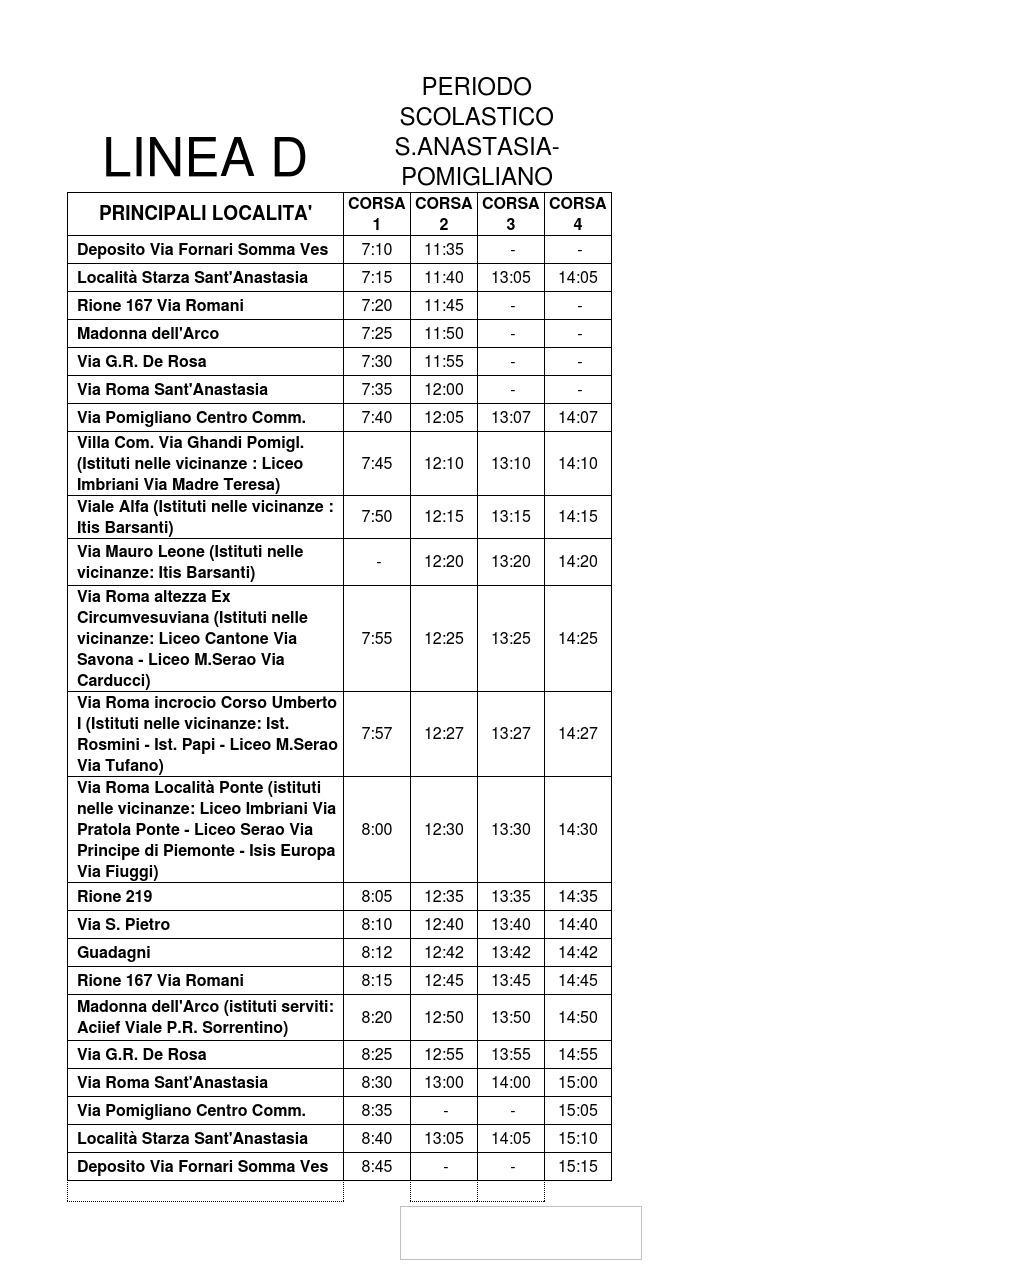 orari-percorsi-km-linea-D-19sett-Copia